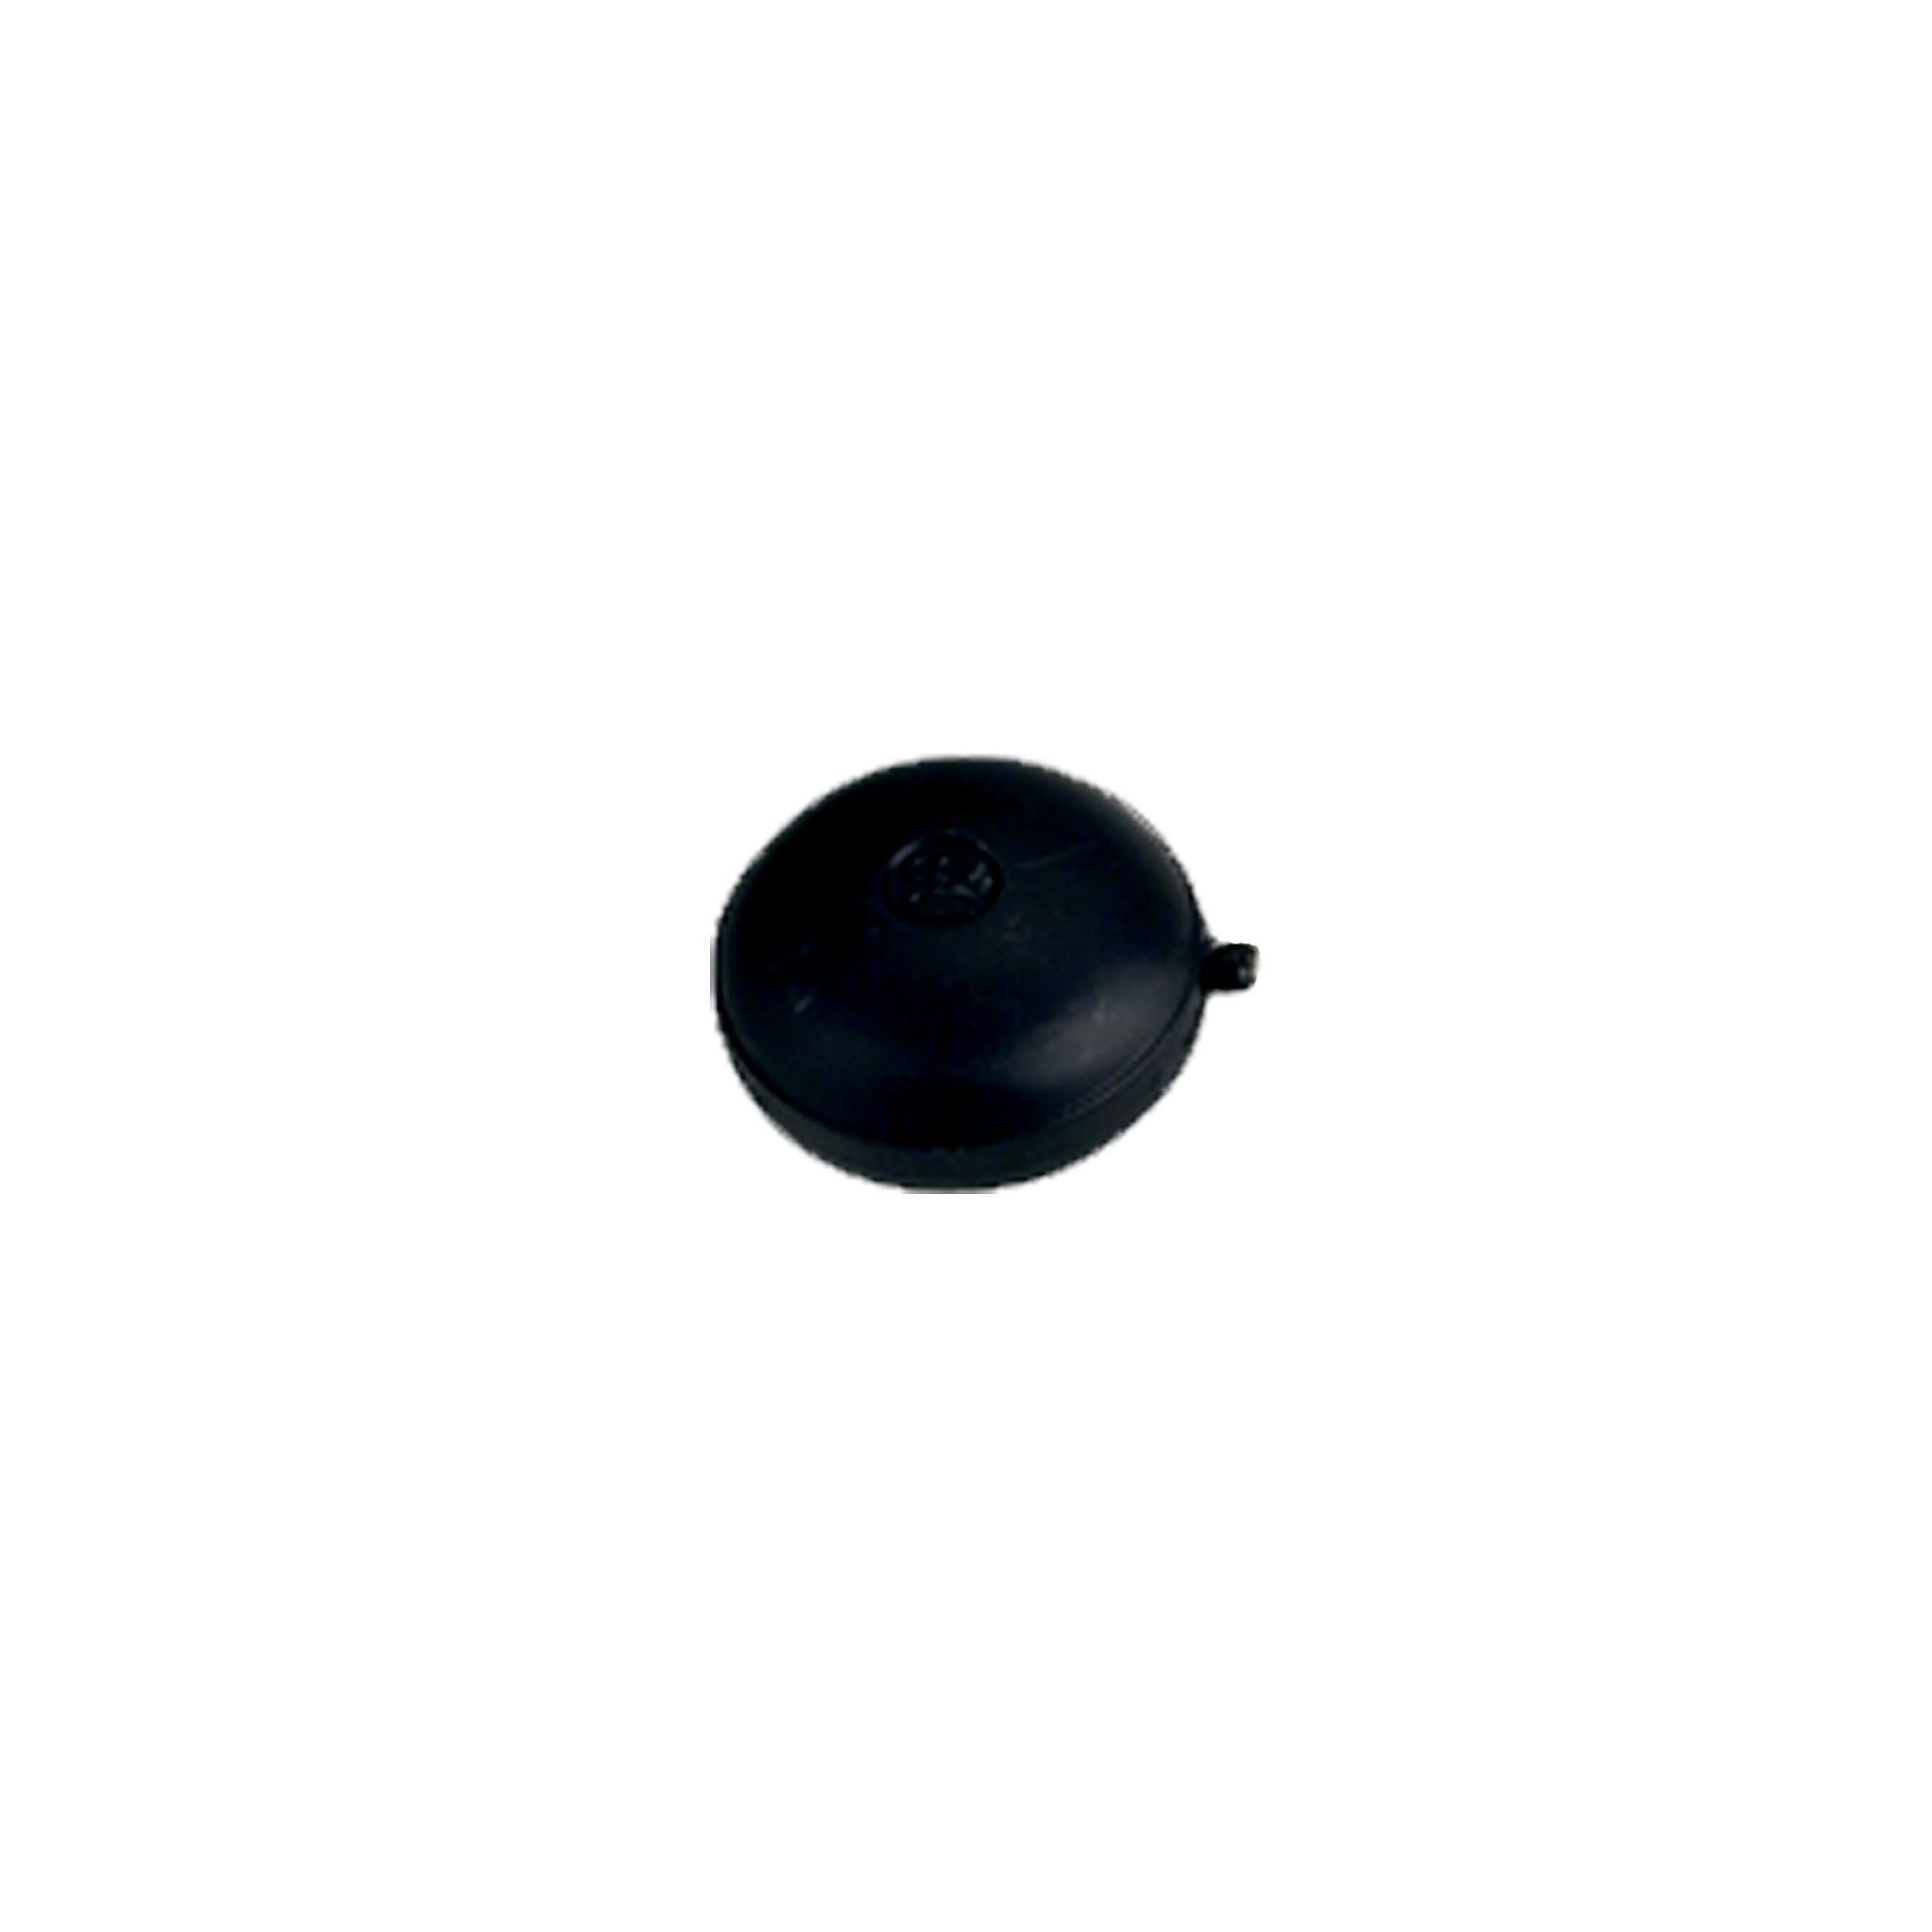 Поплавок пластиковый для впускного клапана J.G. - 1